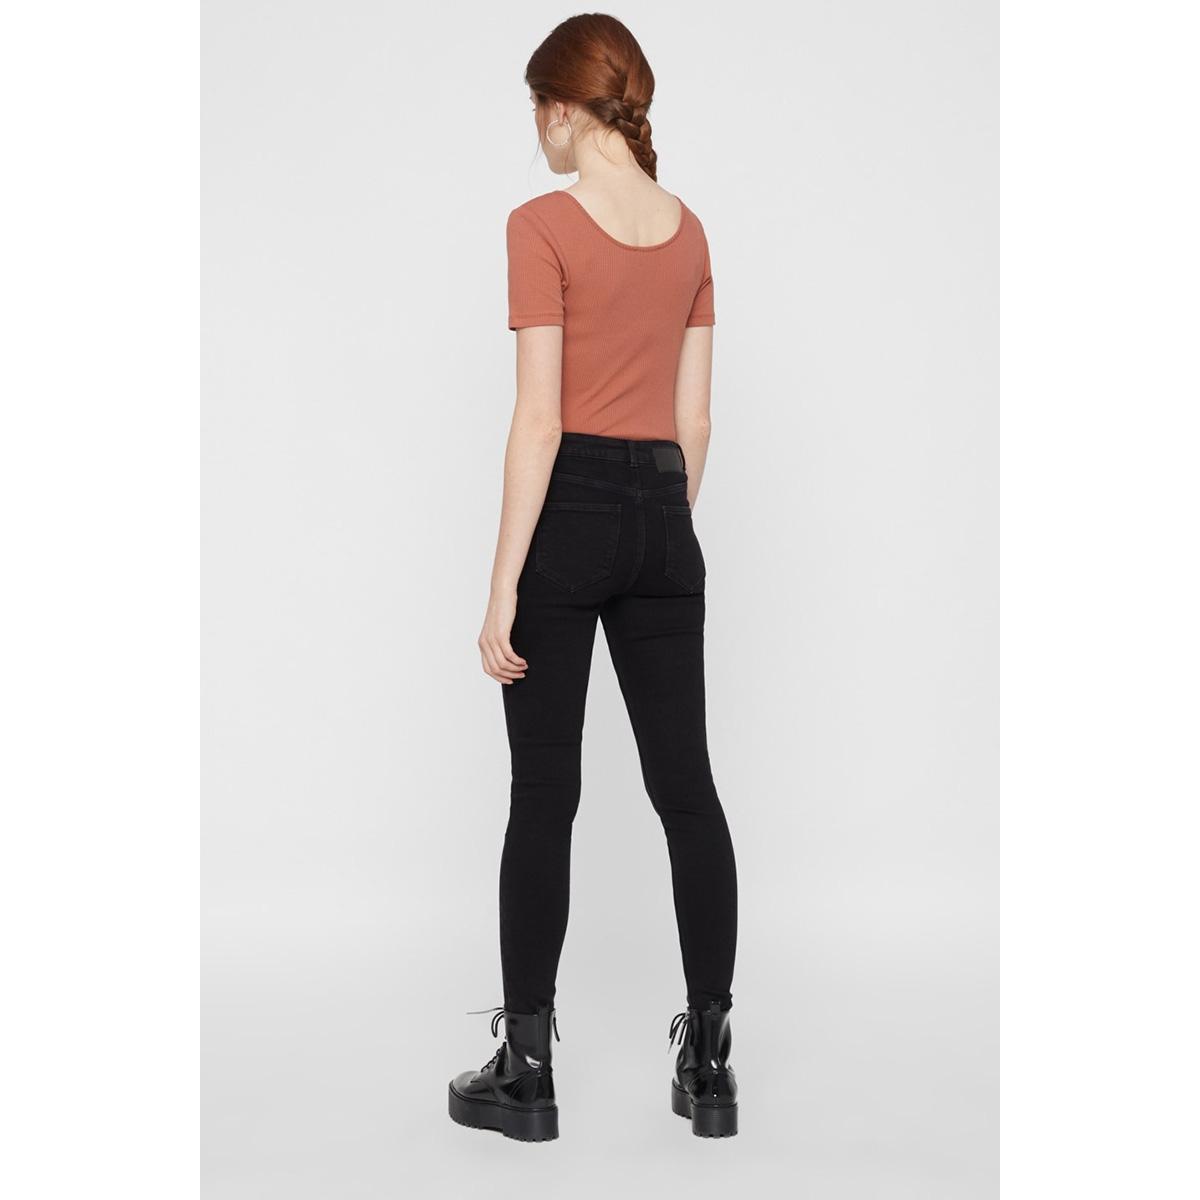 pckamelia skn mw ankle  bl641-vi/no 17102094 pieces jeans black denim